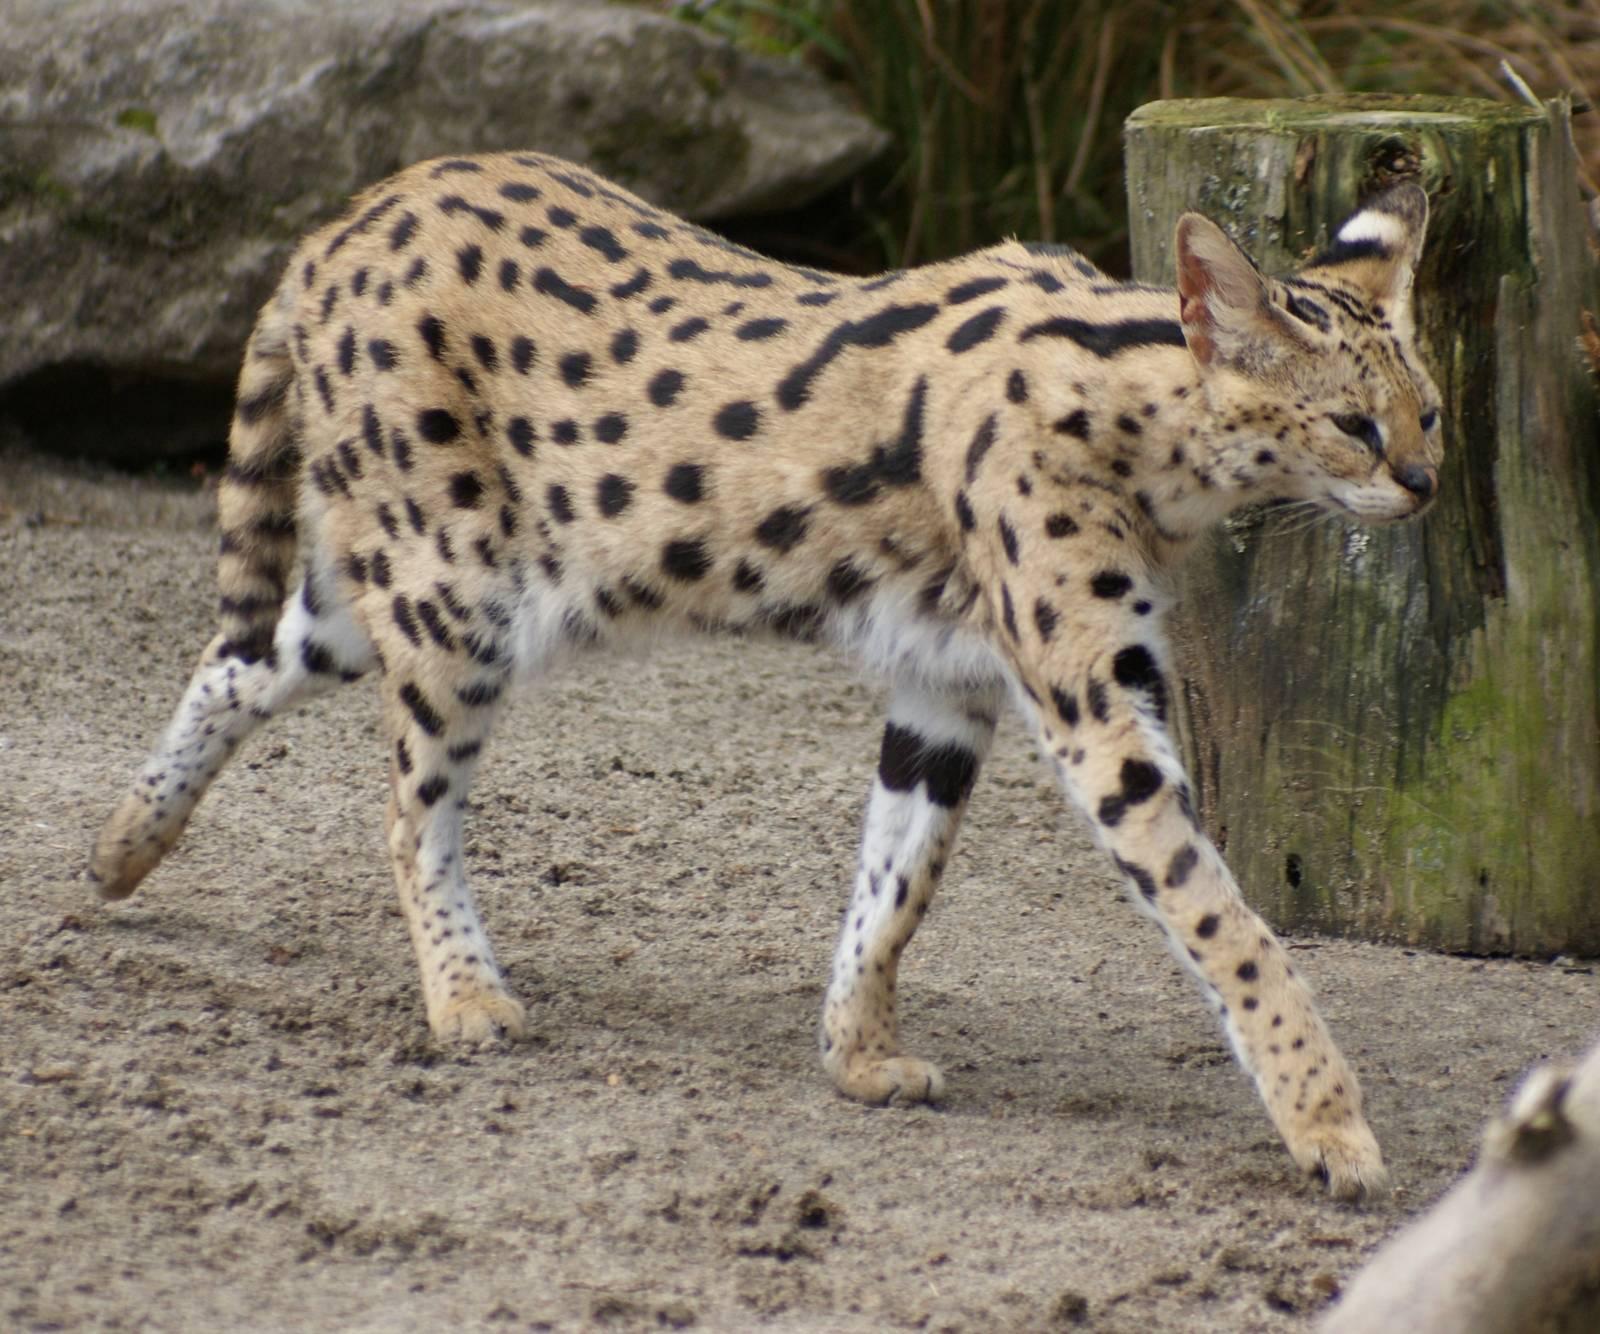 Кошка сервал: описание породы с фото, цена характер, уход  - mimer.ru